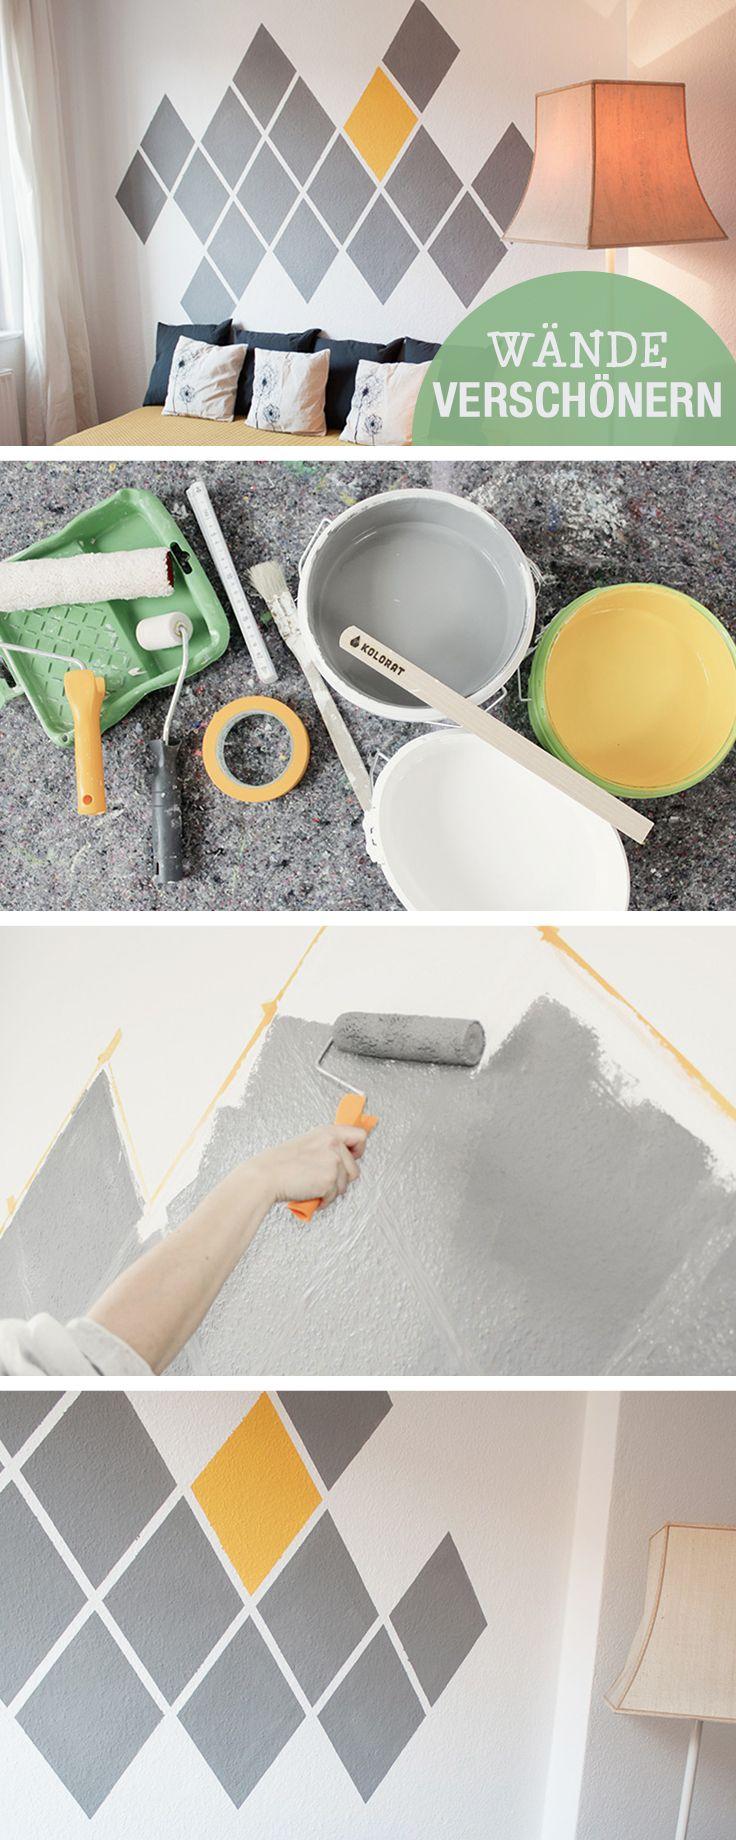 DIY  Anleitung: Wände Streichen, Geometrische Muster, Wanddeko / Diy  Tutorial: Paint